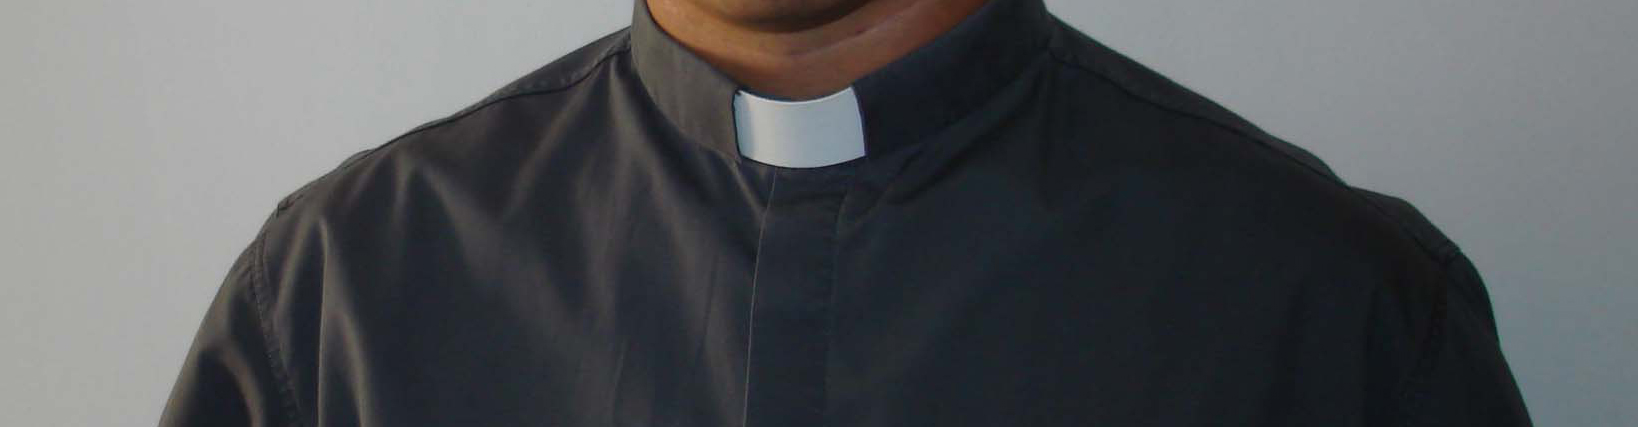 Sacerdote della Piana di Gioia Tauro arrestato per prostituzione minorile